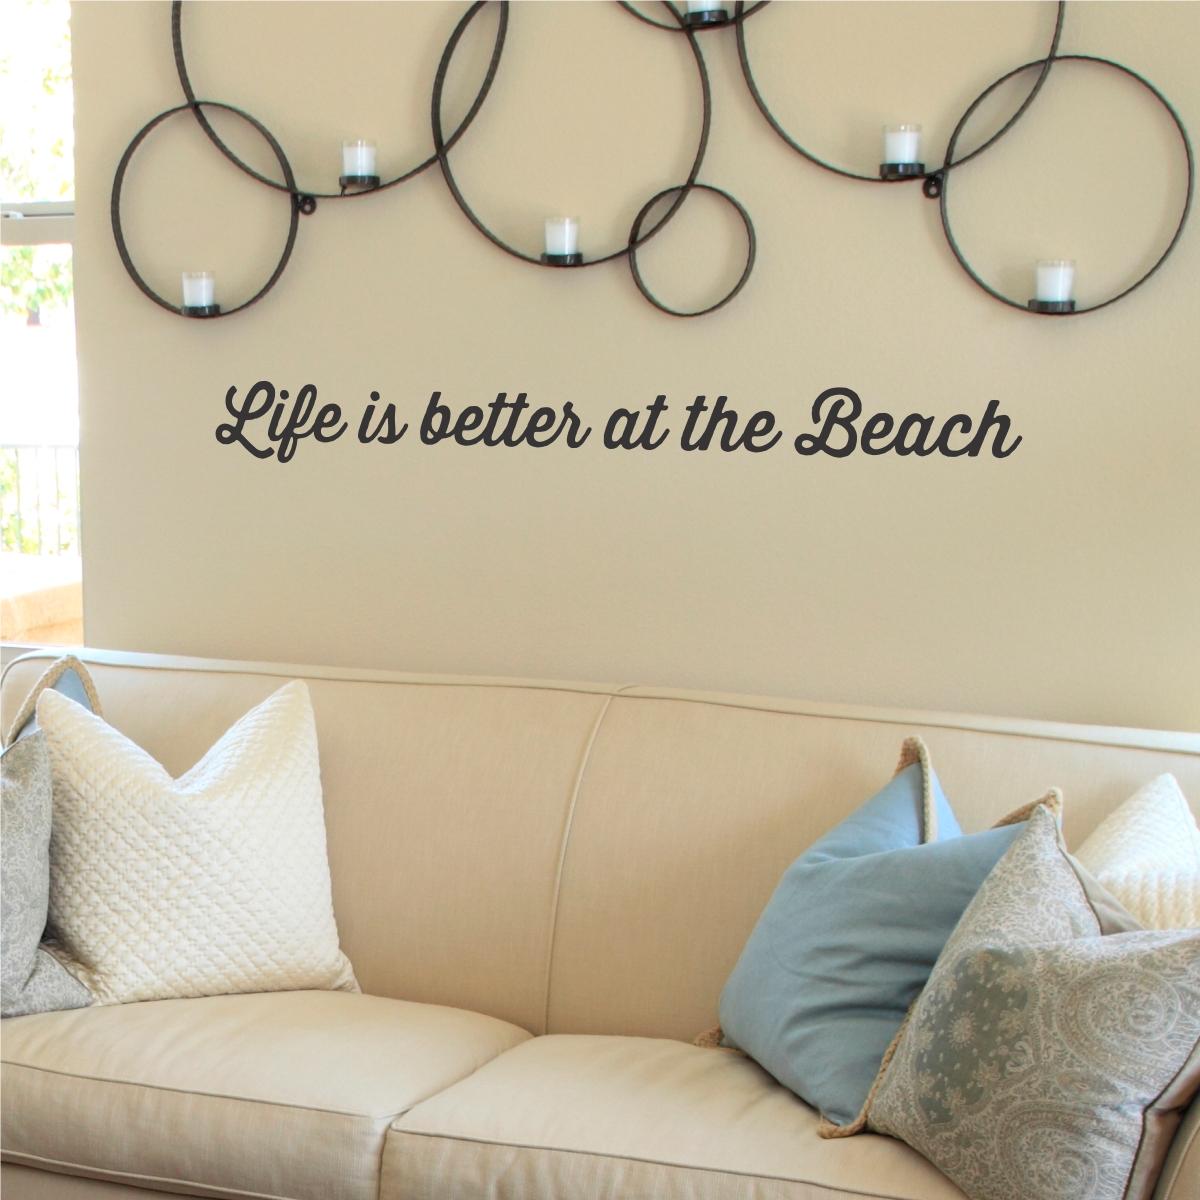 Beach Themed Wall Art Design Best House Design : Beach Themed Wall Pertaining To Newest Beach Theme Wall Art (View 3 of 20)